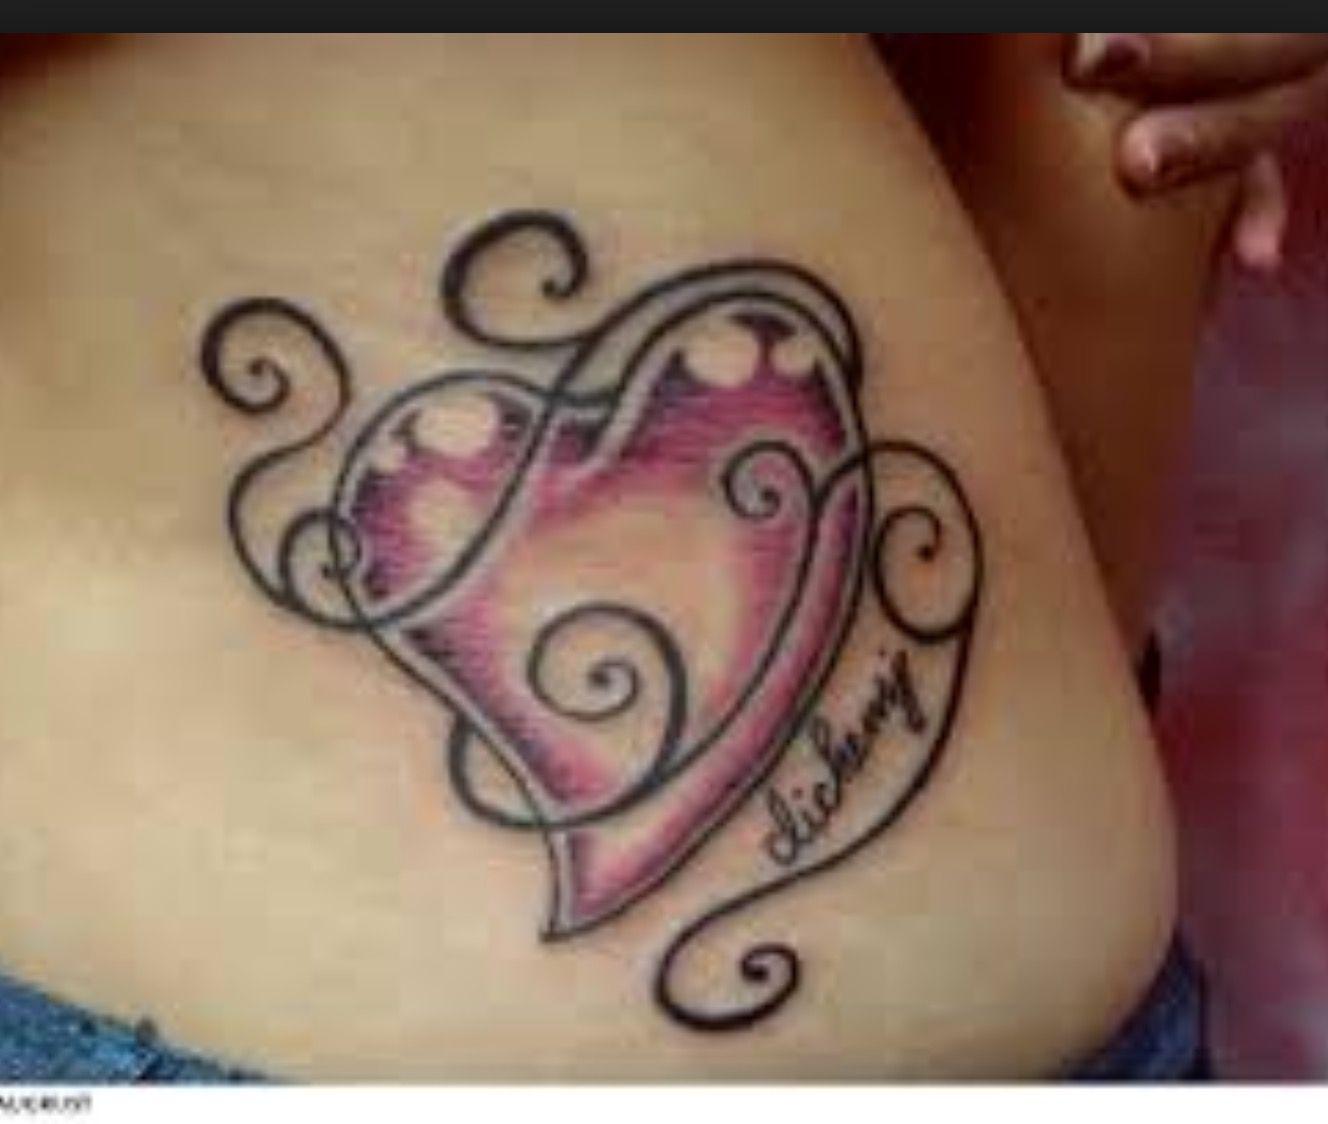 Pin By Hannah O Keefe On Tatooos Love Heart Tattoo Tribal Heart Tattoos Heart Tattoo Designs